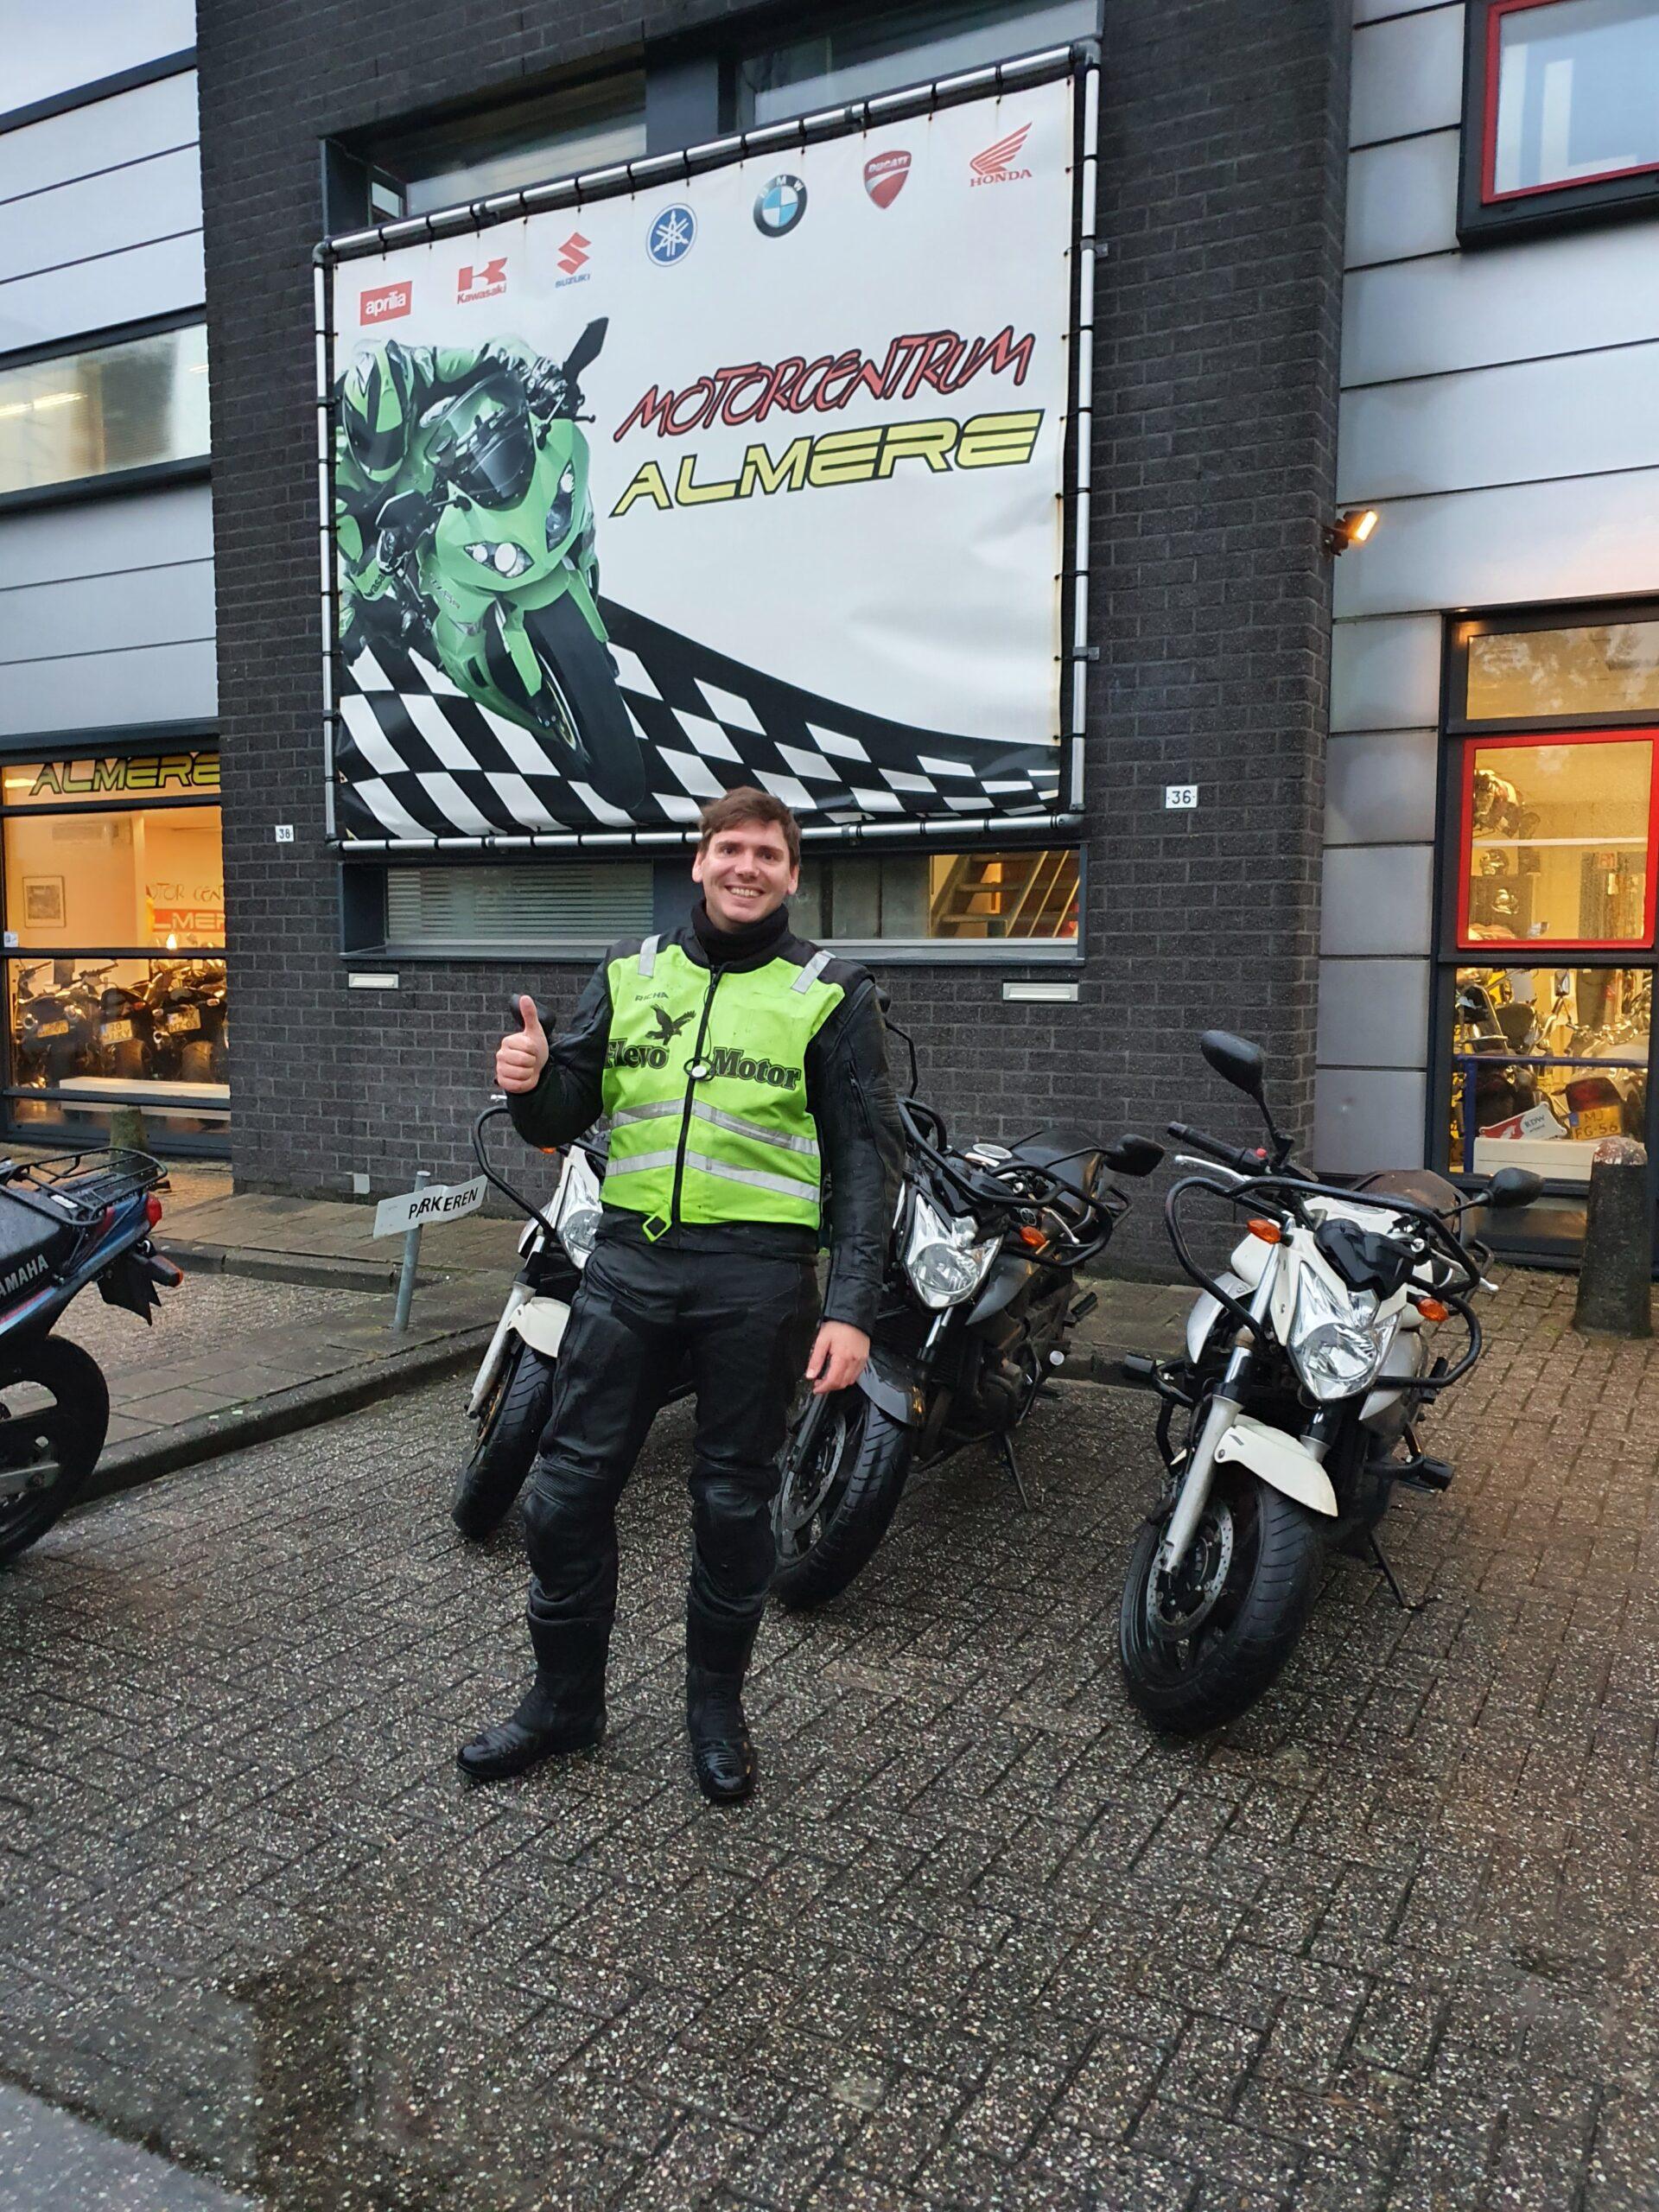 Edwin ook bij FlevoMotor geslaagd voor zijn motorrijbewijs.